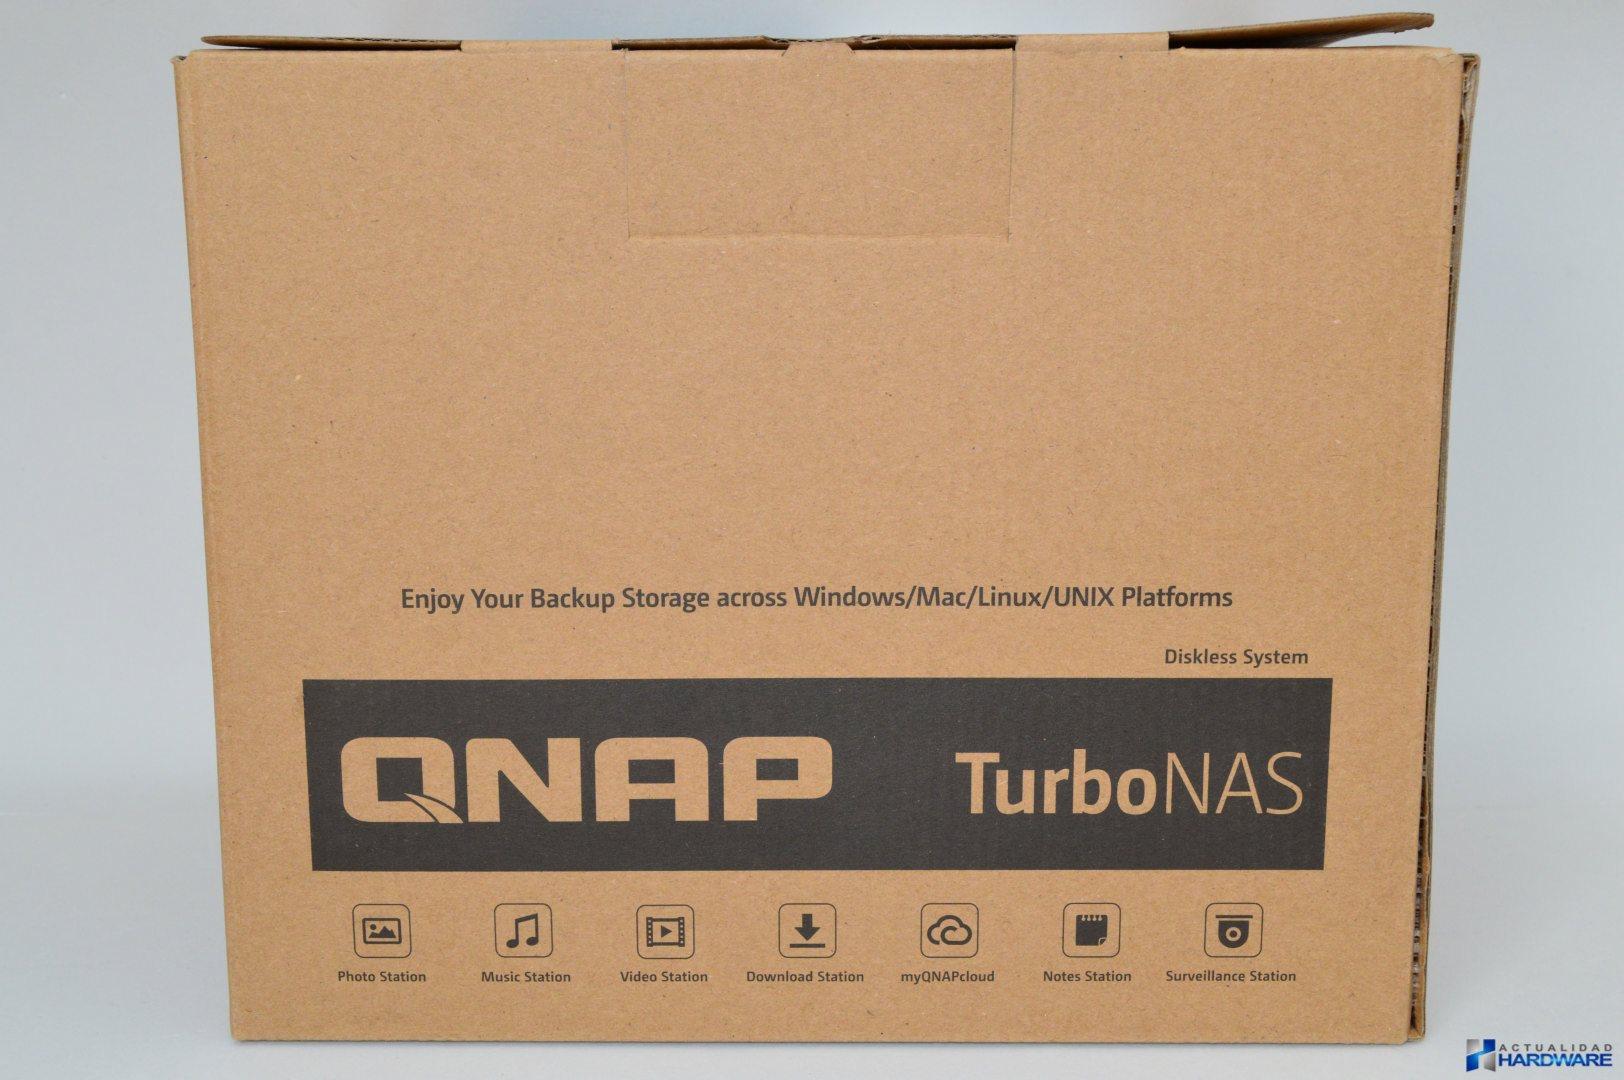 REVIEW: QNAP TS-251C